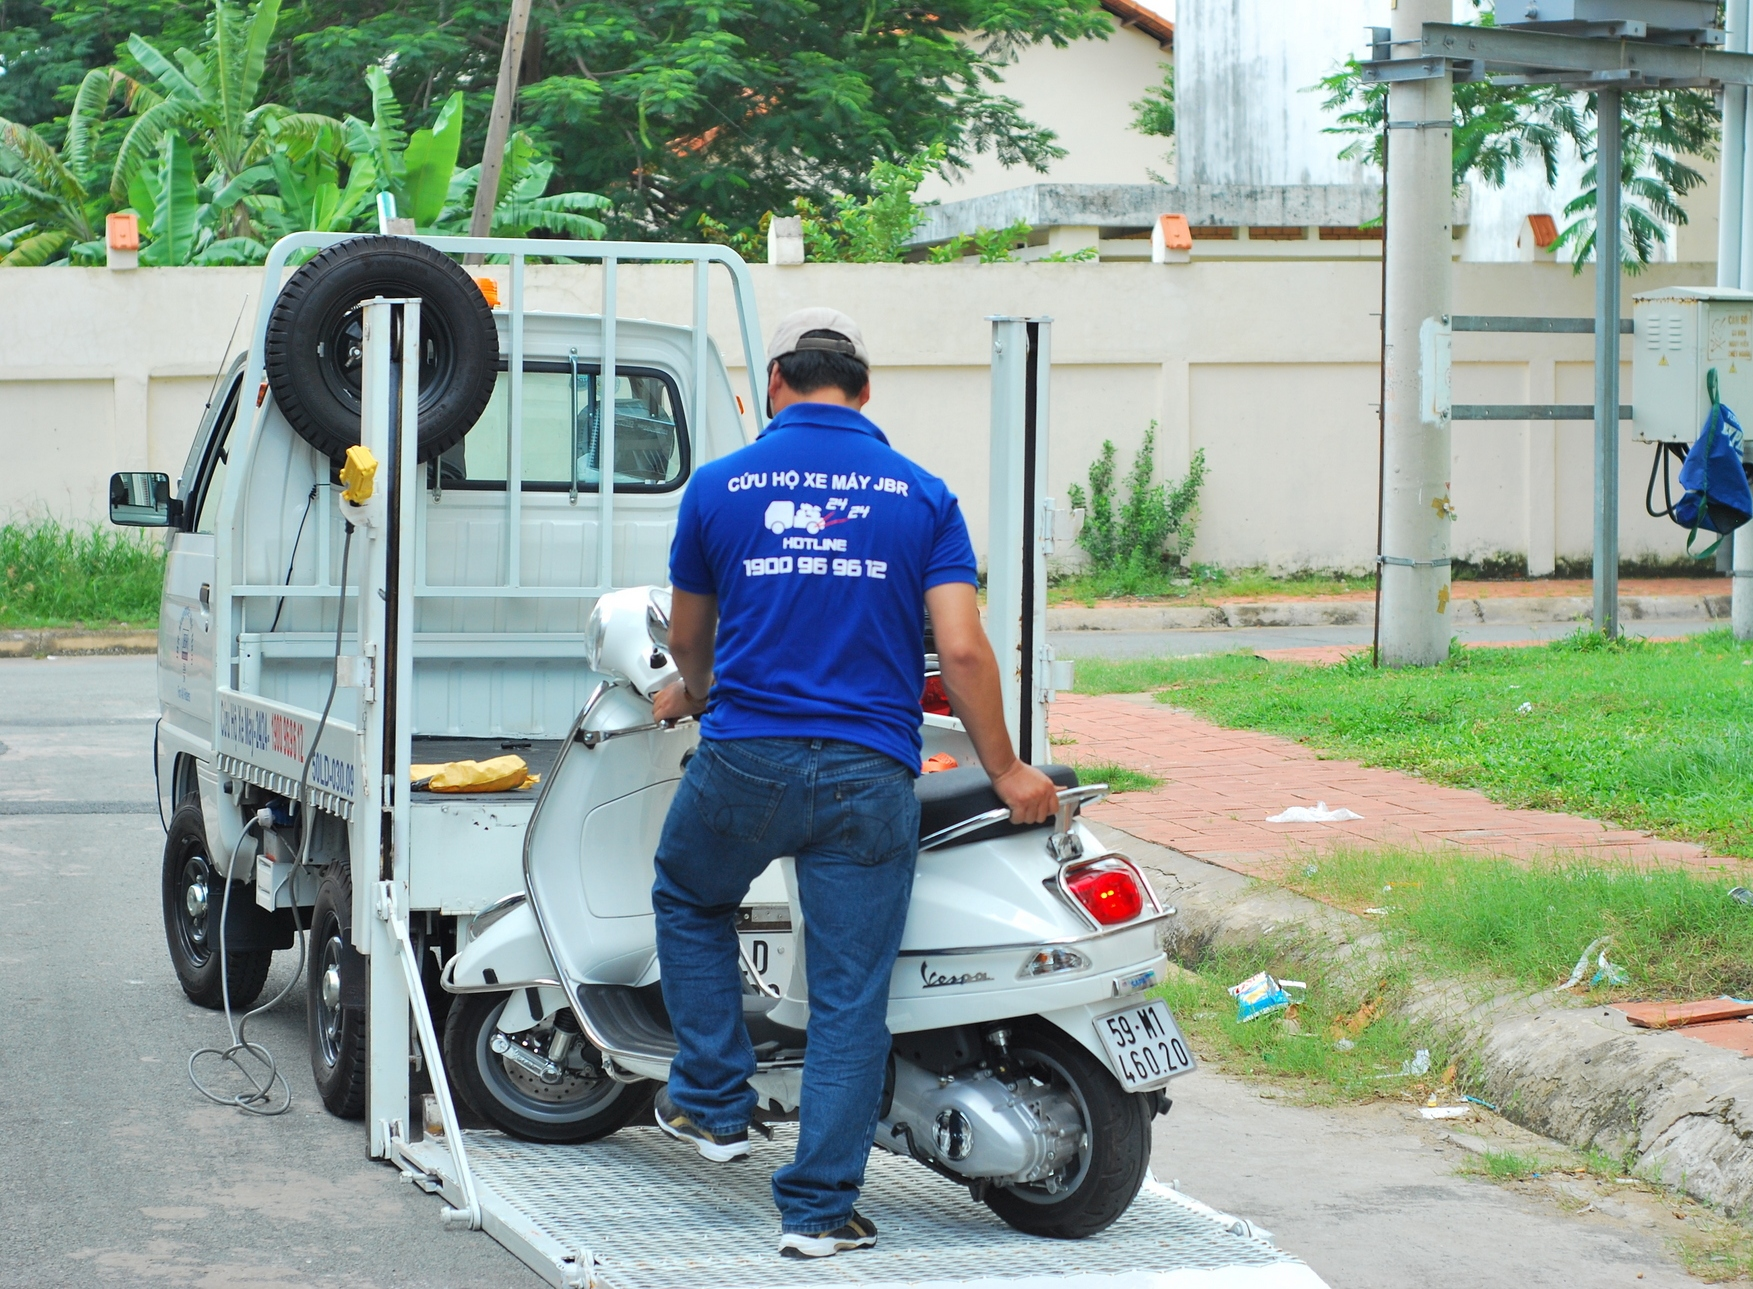 JBR cứu hộ miễn phí cho khách hàng Suzuki World